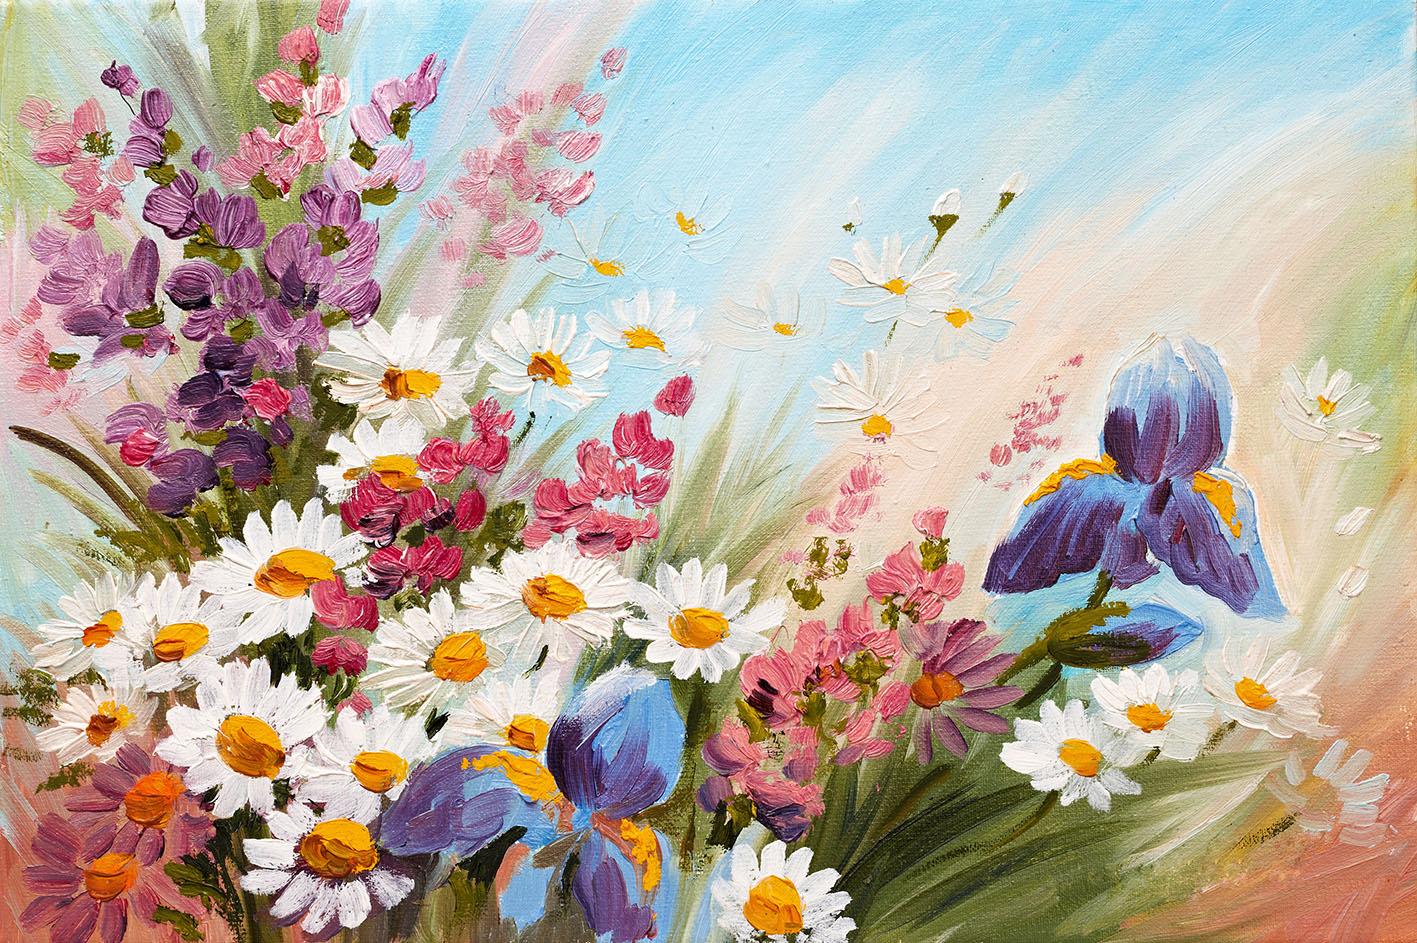 Ilustración abstracta de flores